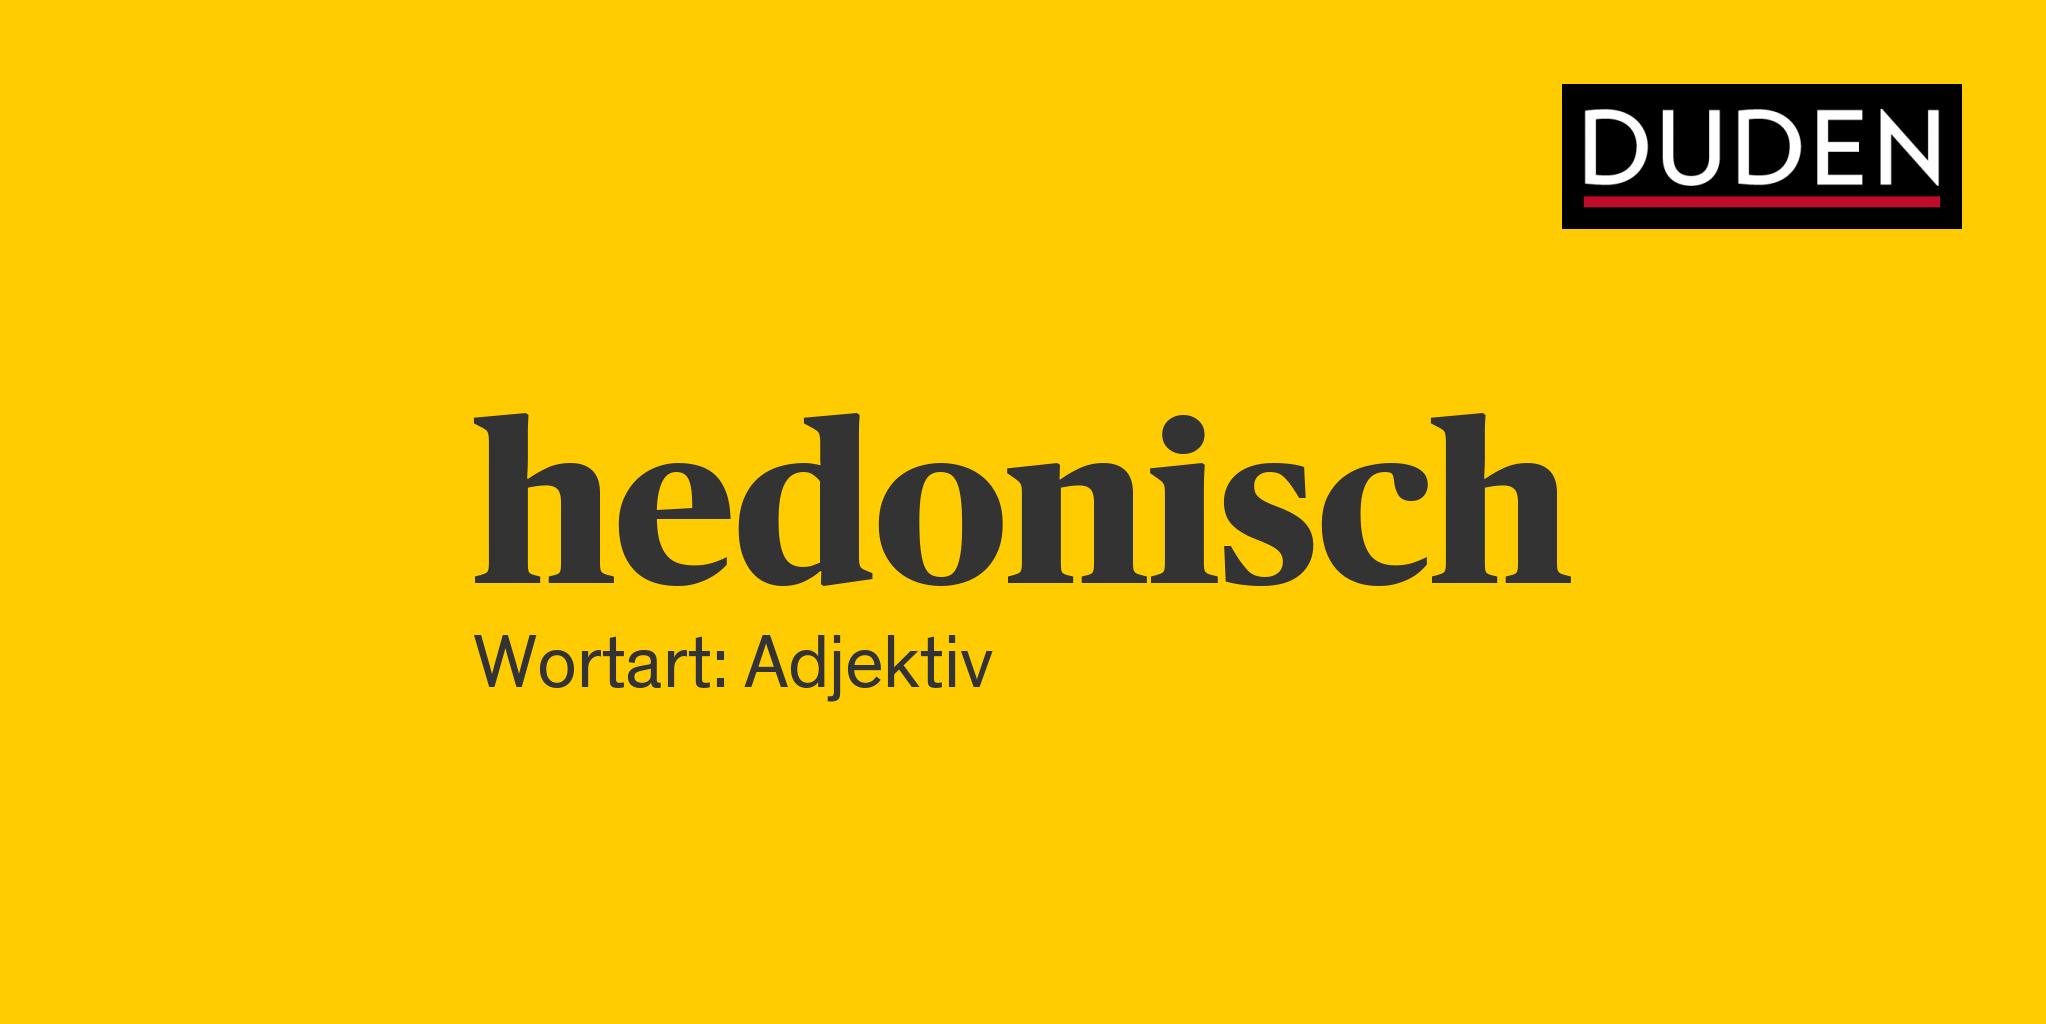 Hedonisch